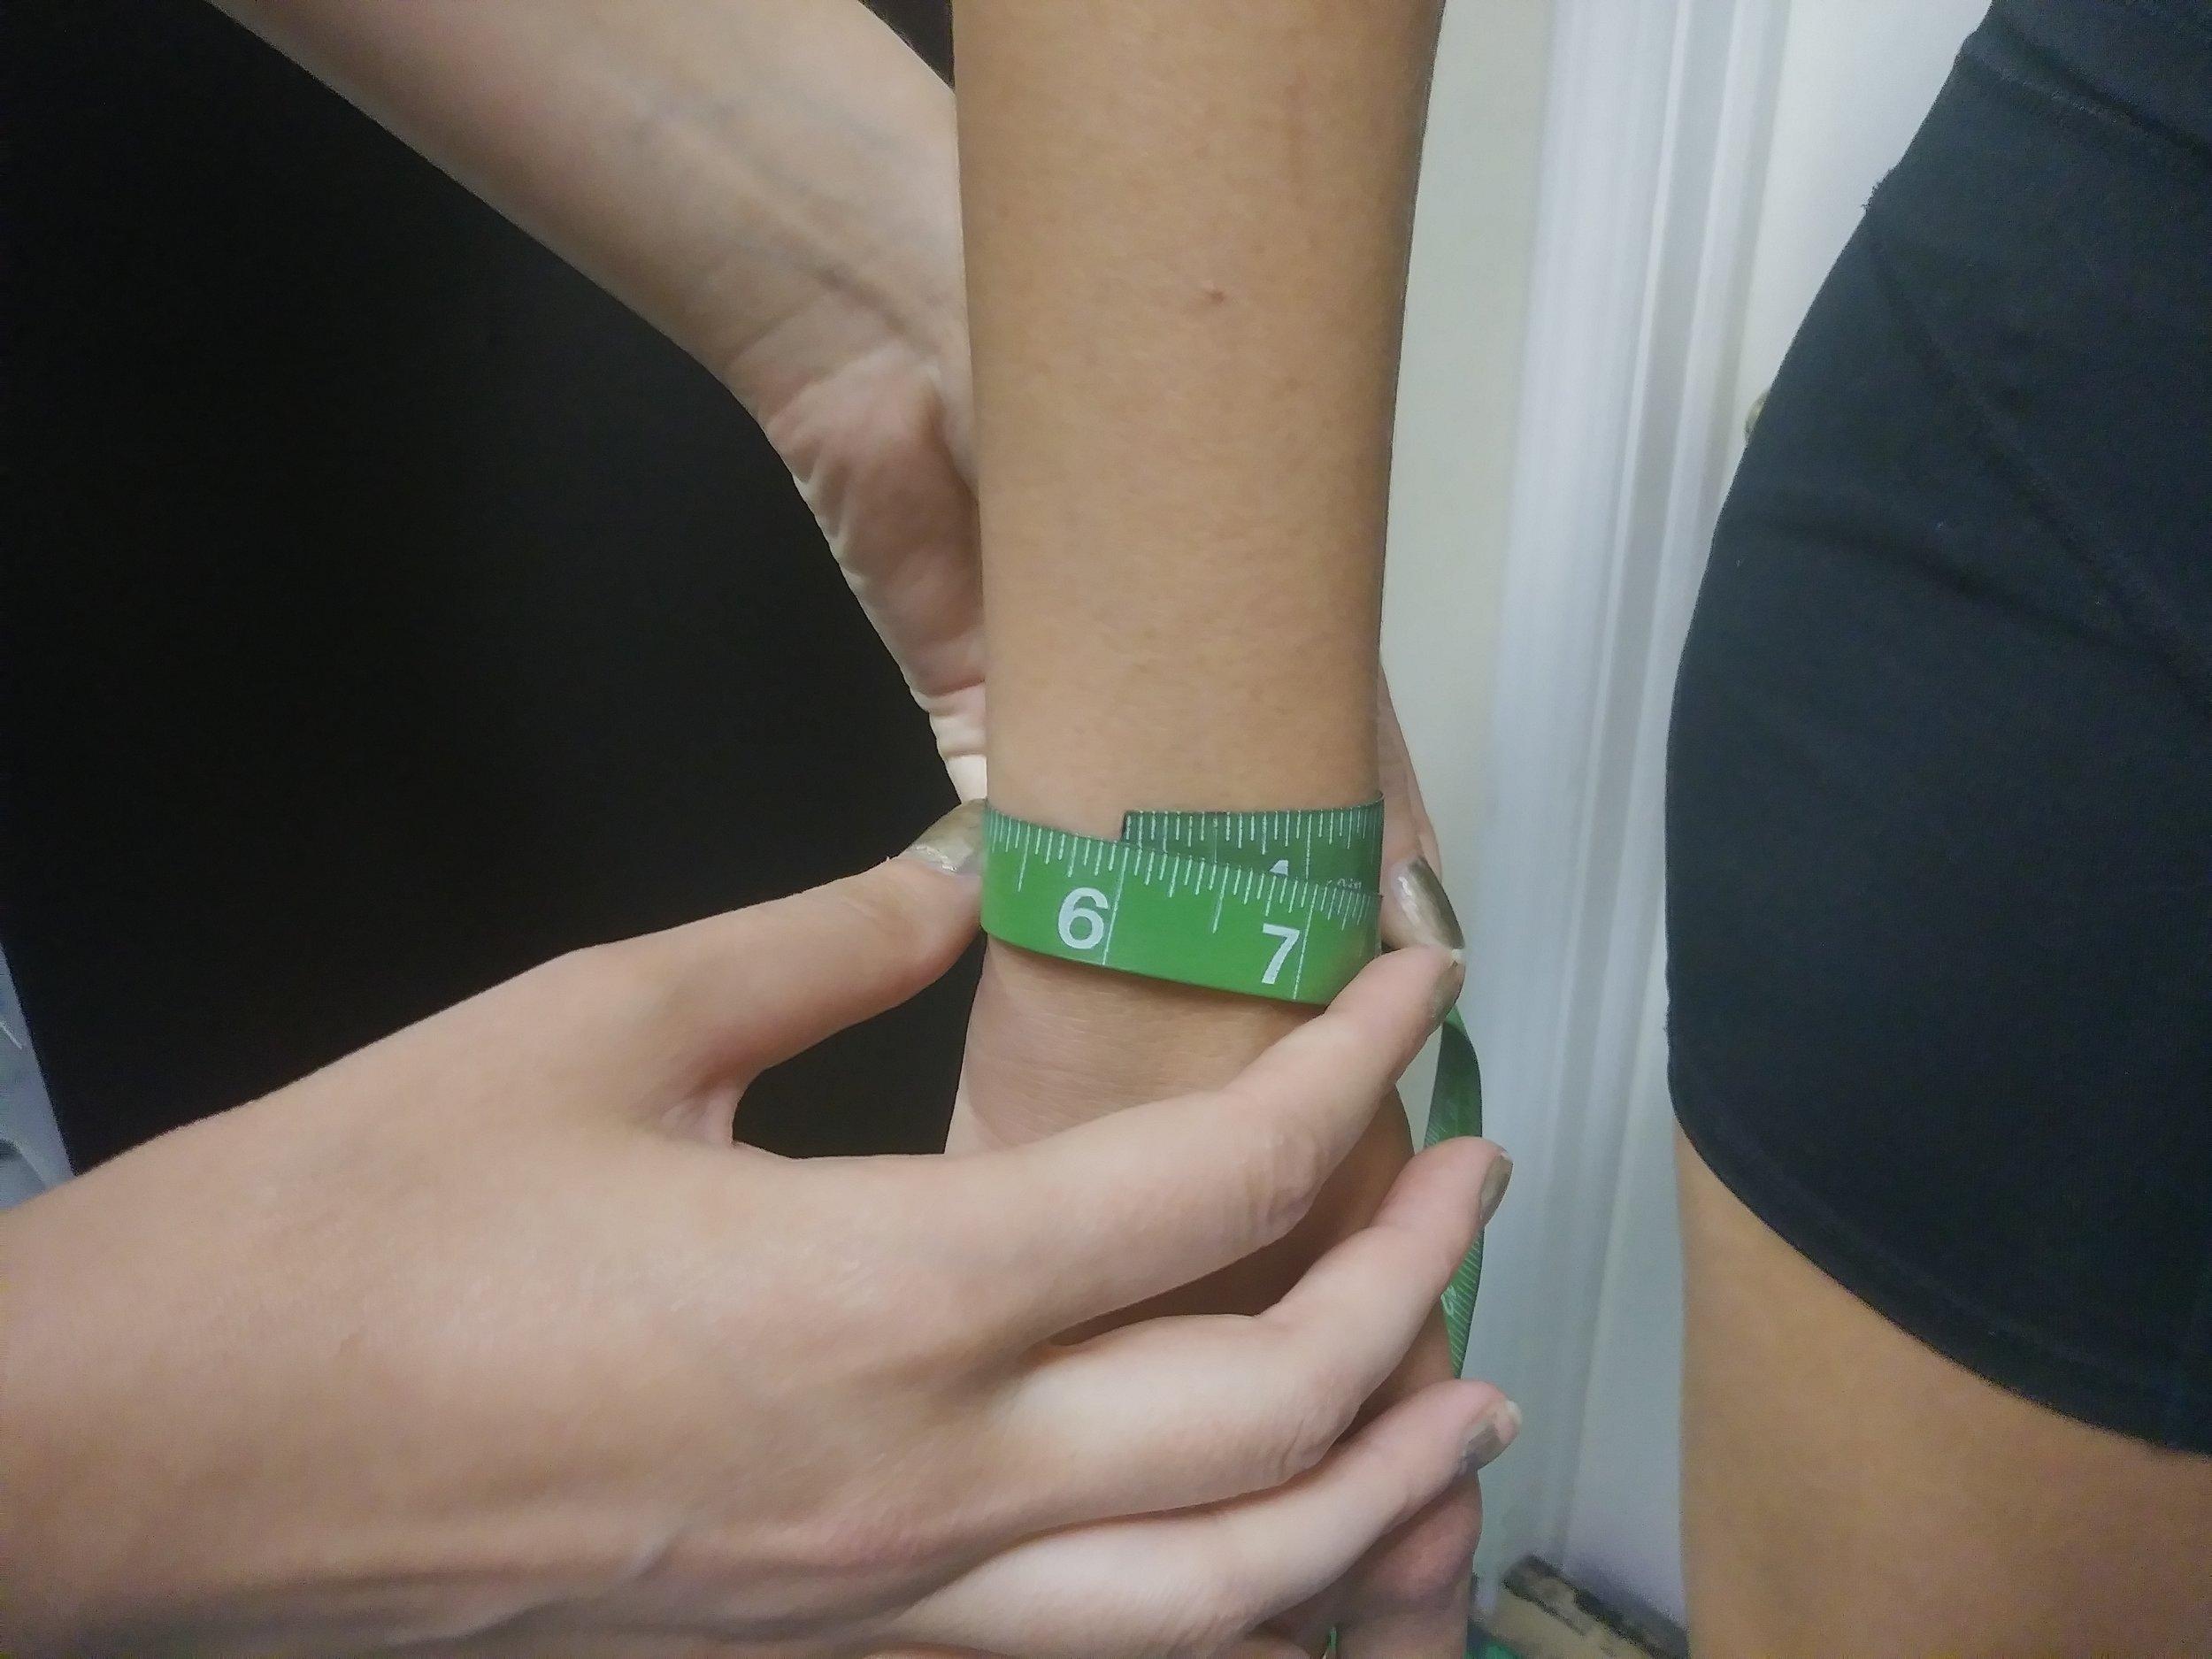 24. Wrist Circumference